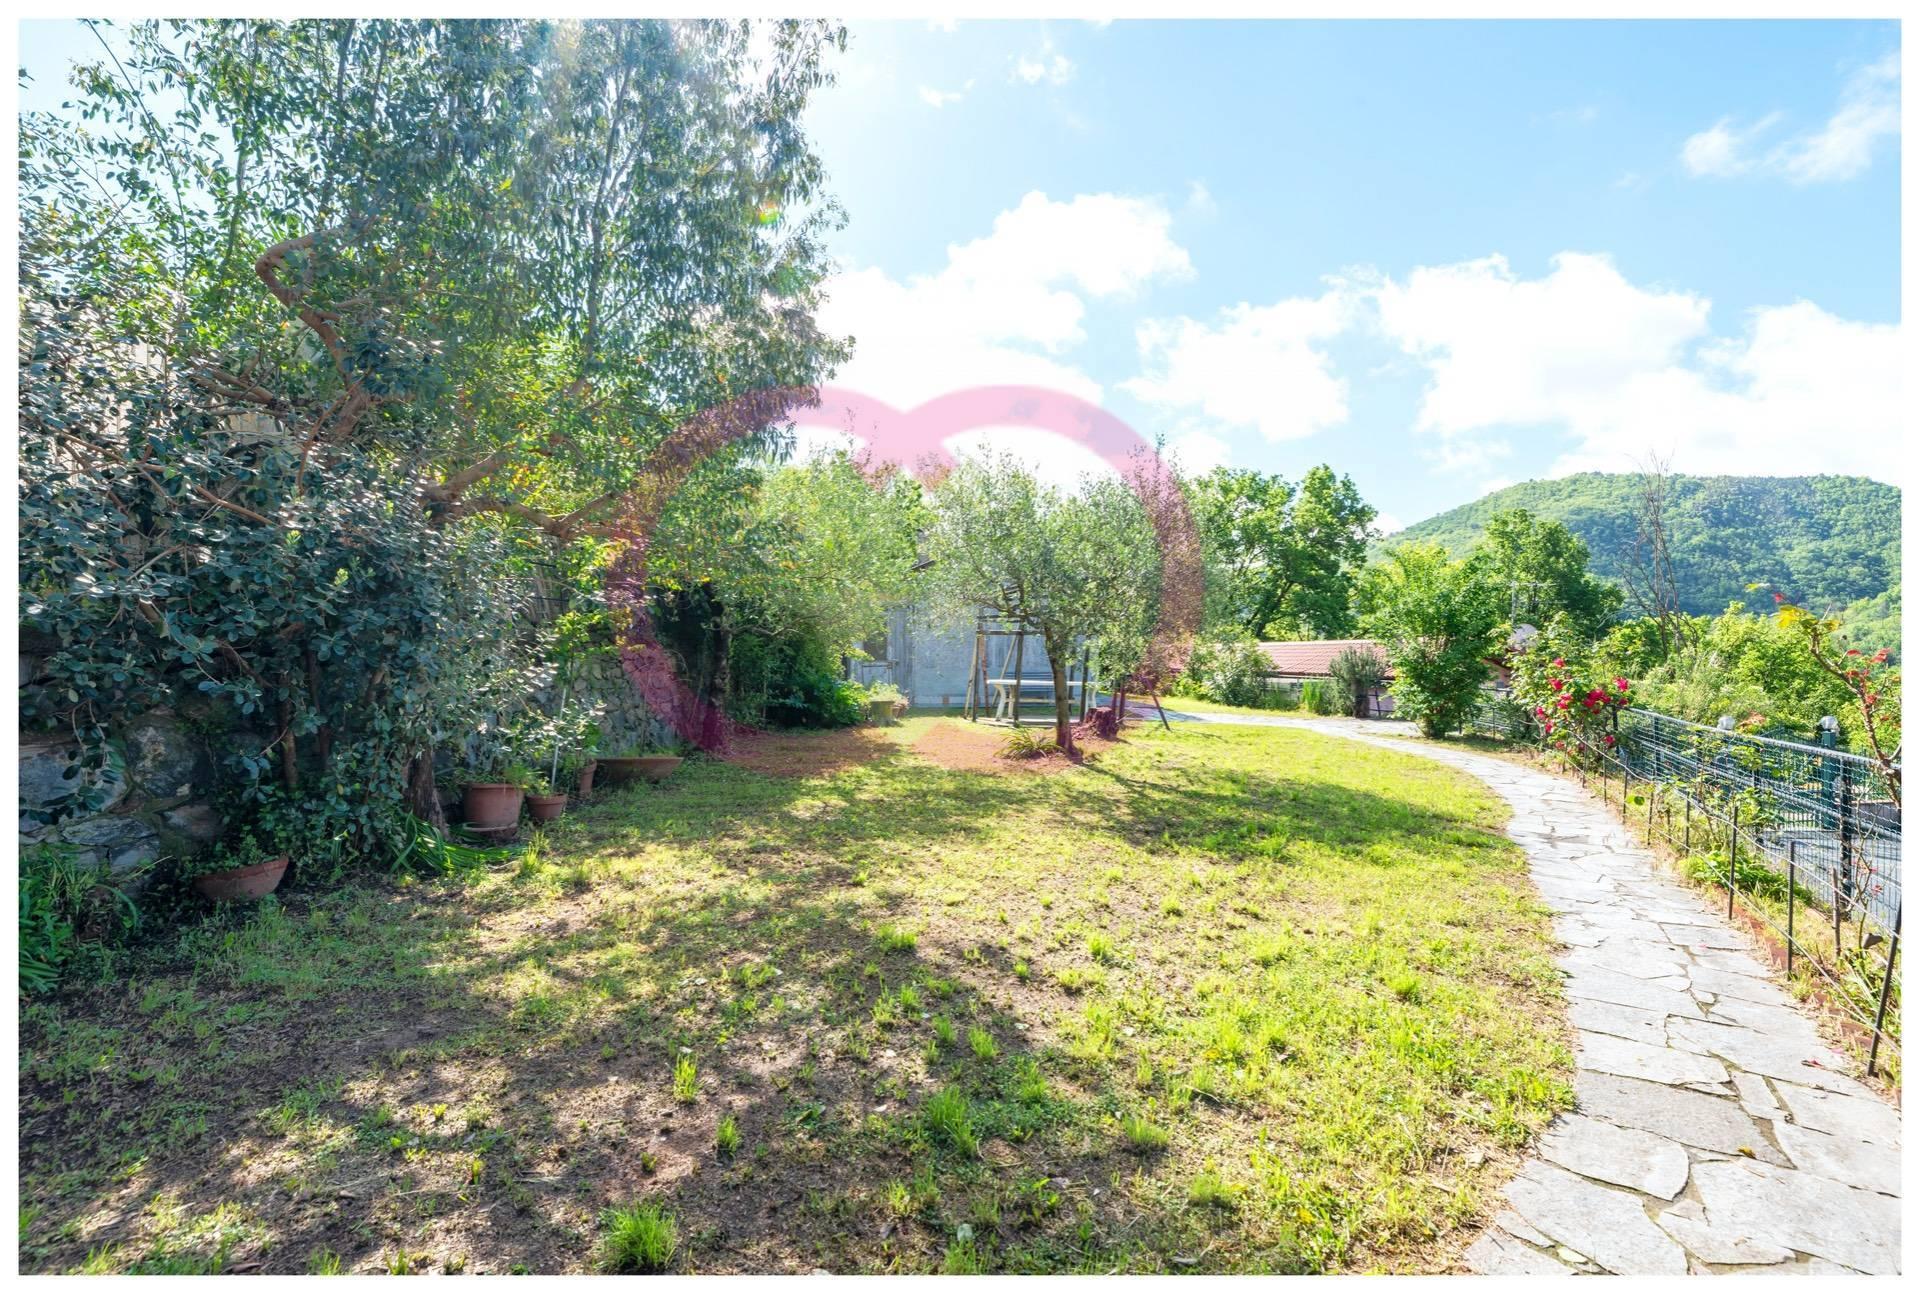 Villa in vendita a Stella, 4 locali, zona Località: SanMartino, prezzo € 139.000   PortaleAgenzieImmobiliari.it